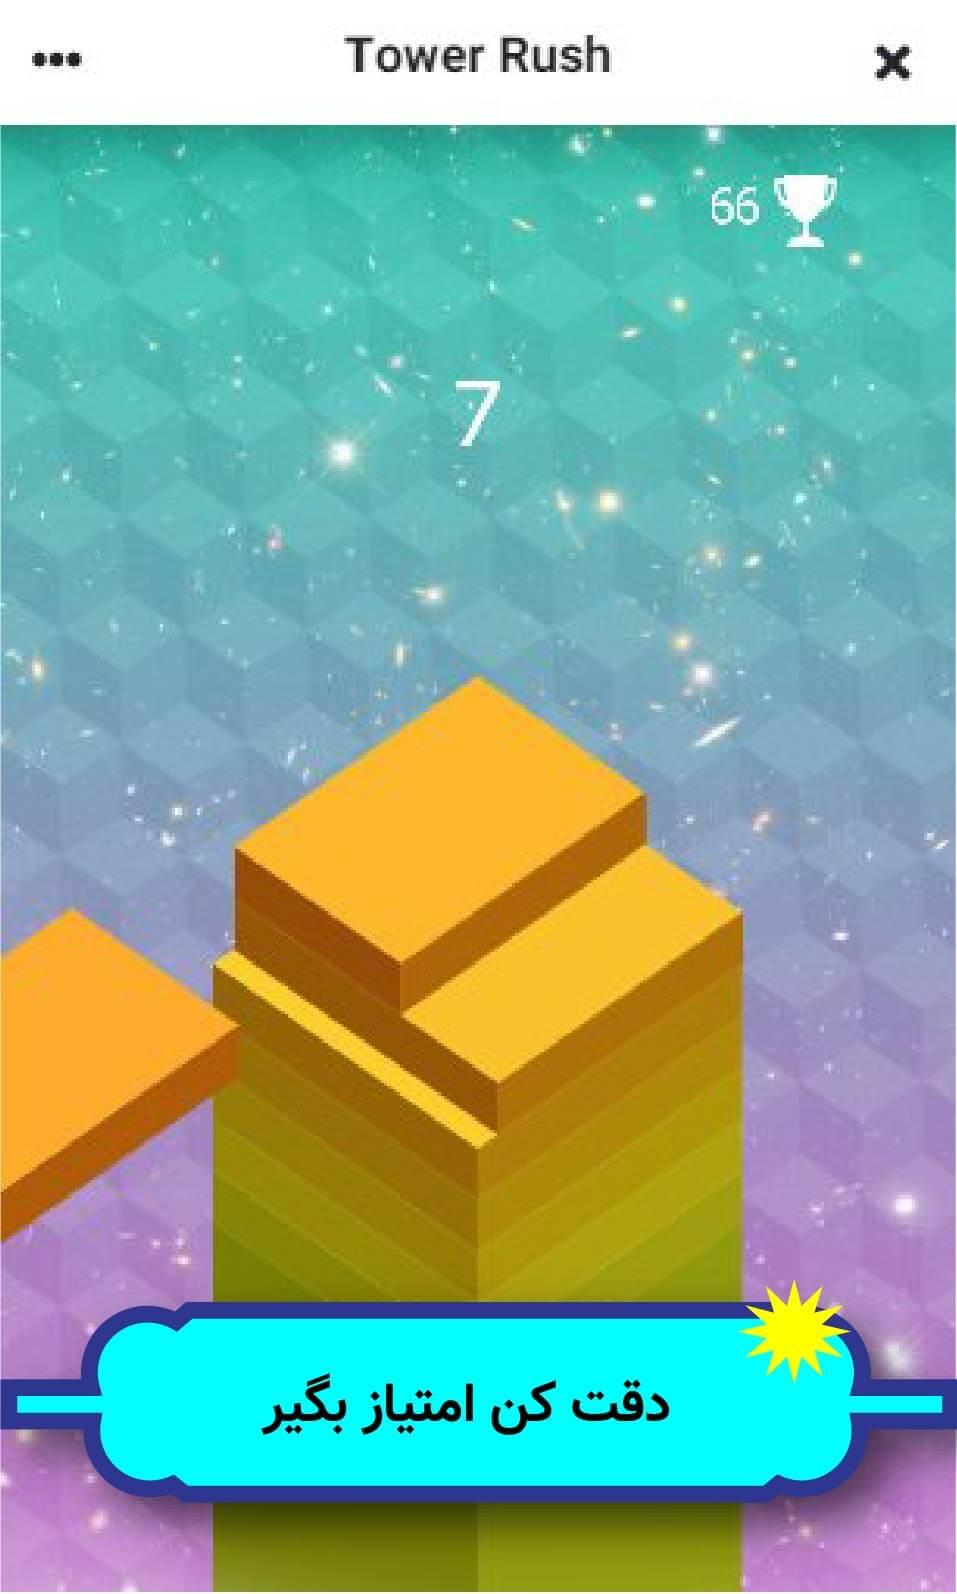 راهنمای بازی آنلاین Tower Rush